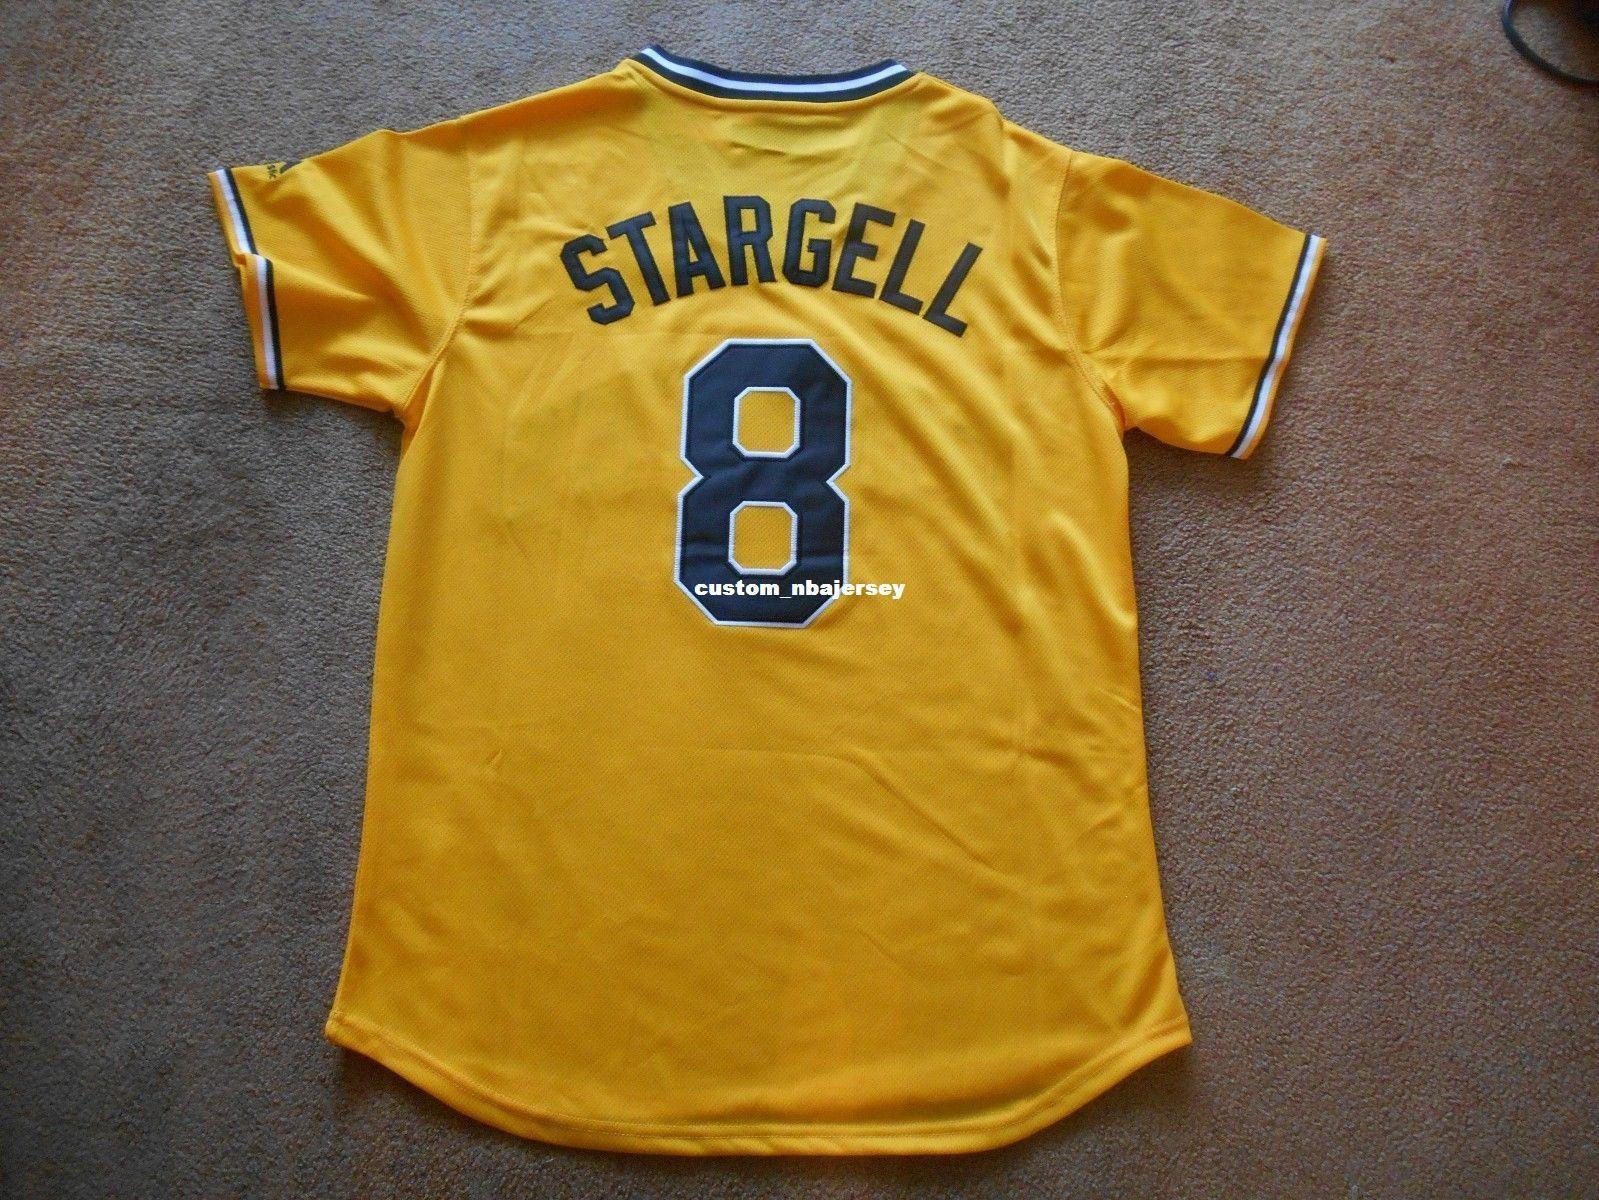 Ucuz özel Willie Stargell herhangi bir ad numarası BAY BAYAN GENÇLİK Formalar 8. Pittsburg Sarı Beyzbol Jersey Dikişli özelleştirme